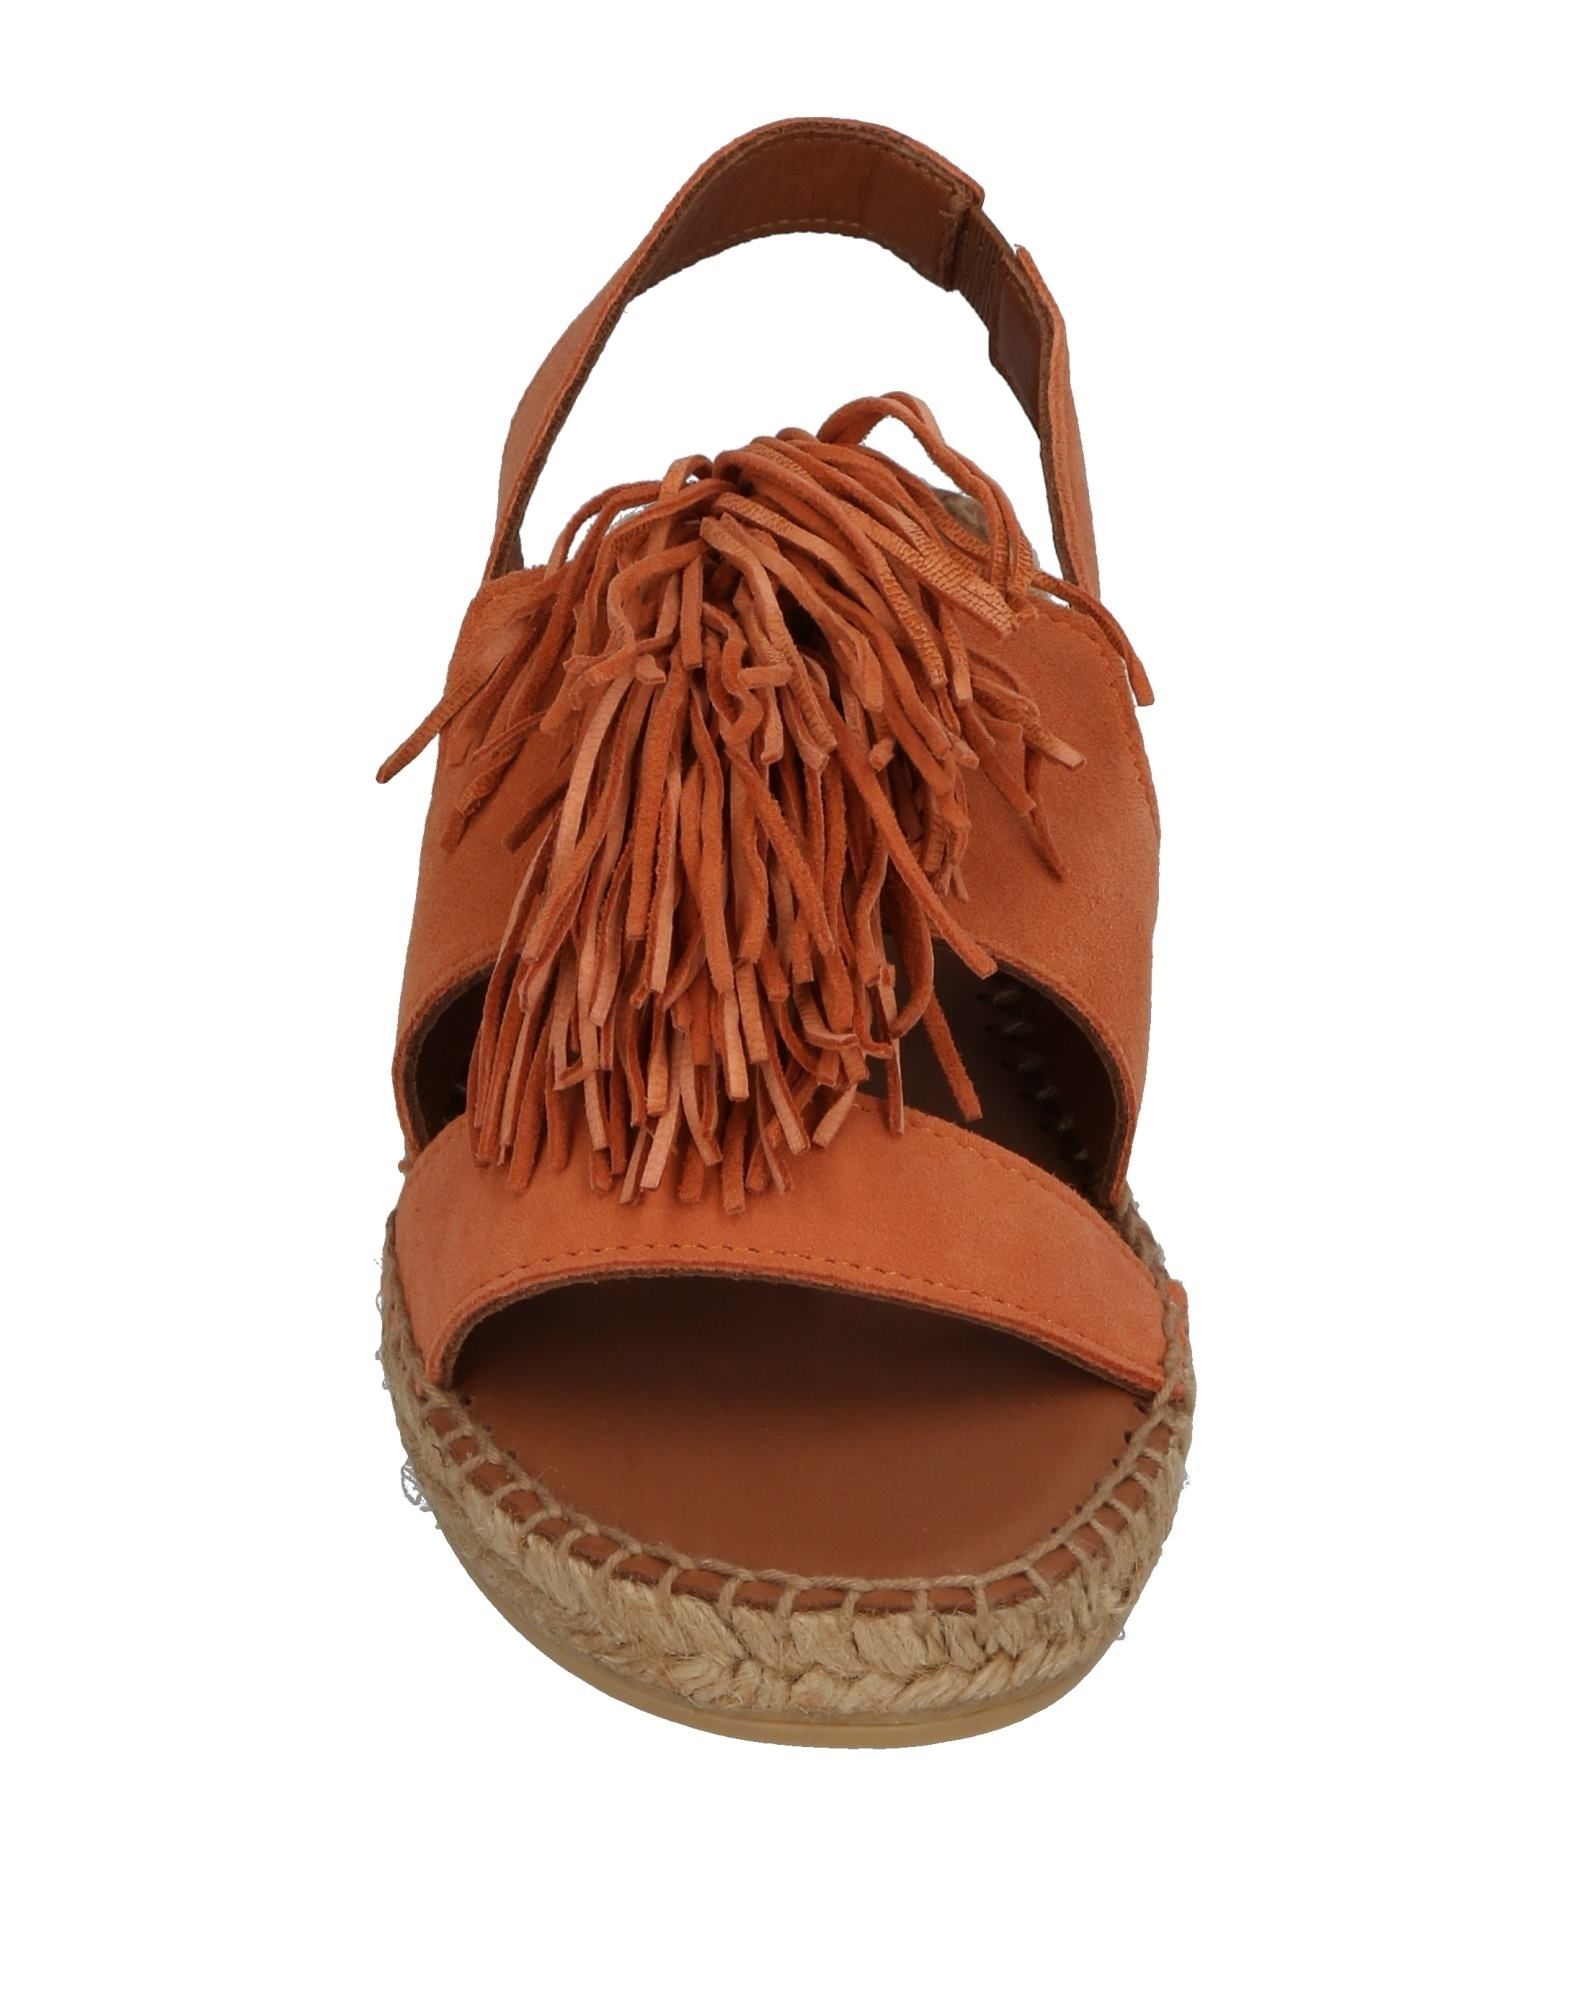 Chaussures - Tribunaux Aniye Par 5kIRbY2Prc